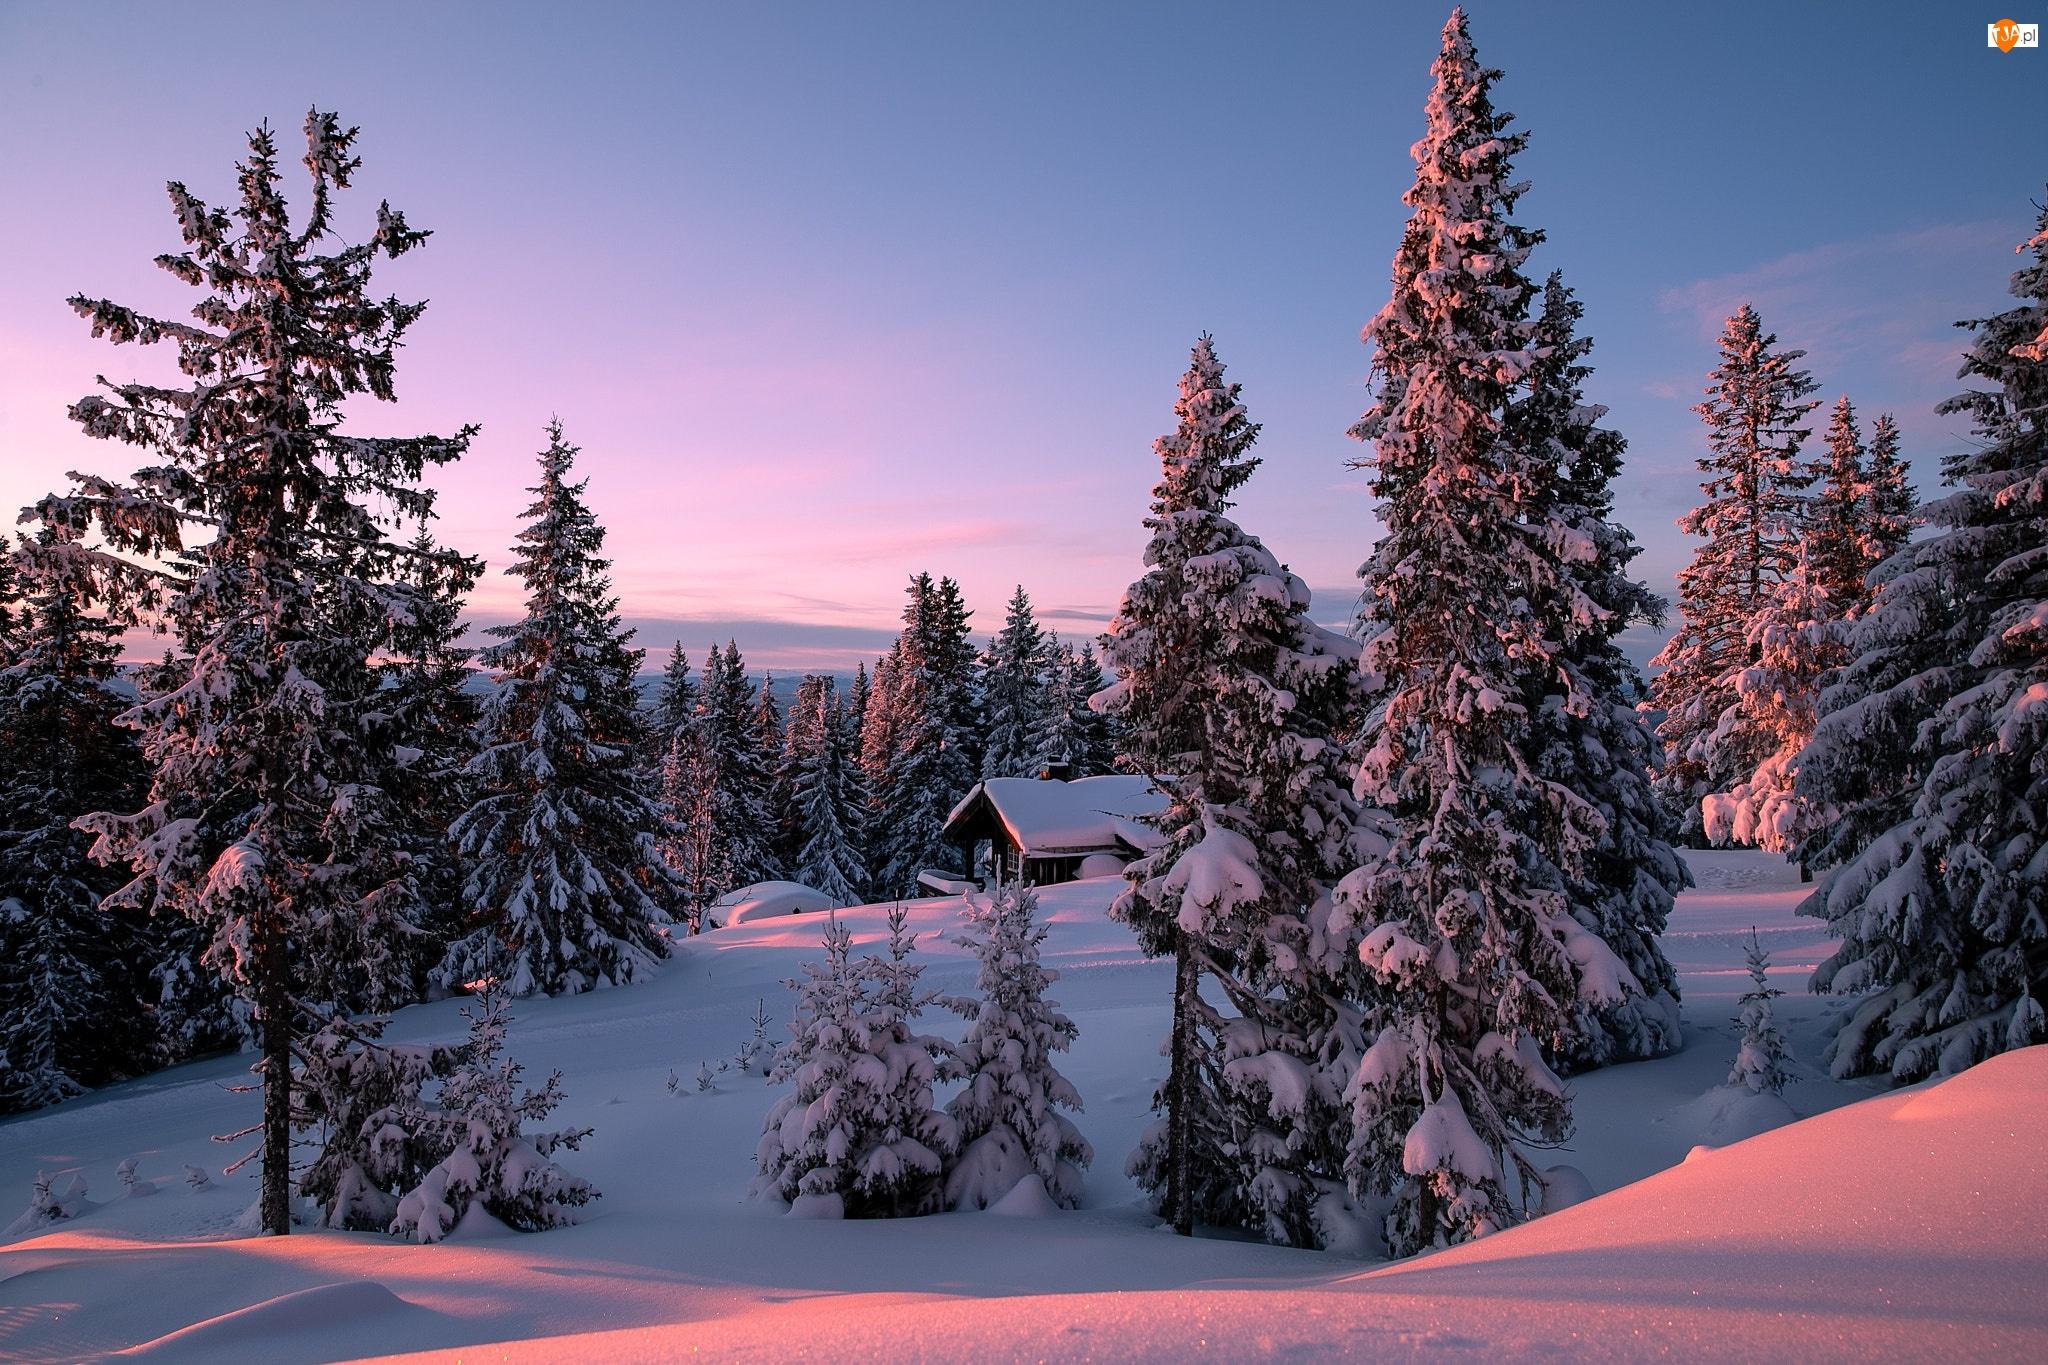 Wzgórza, Drzewa, Zima, Świerki, Dom, Ośnieżone